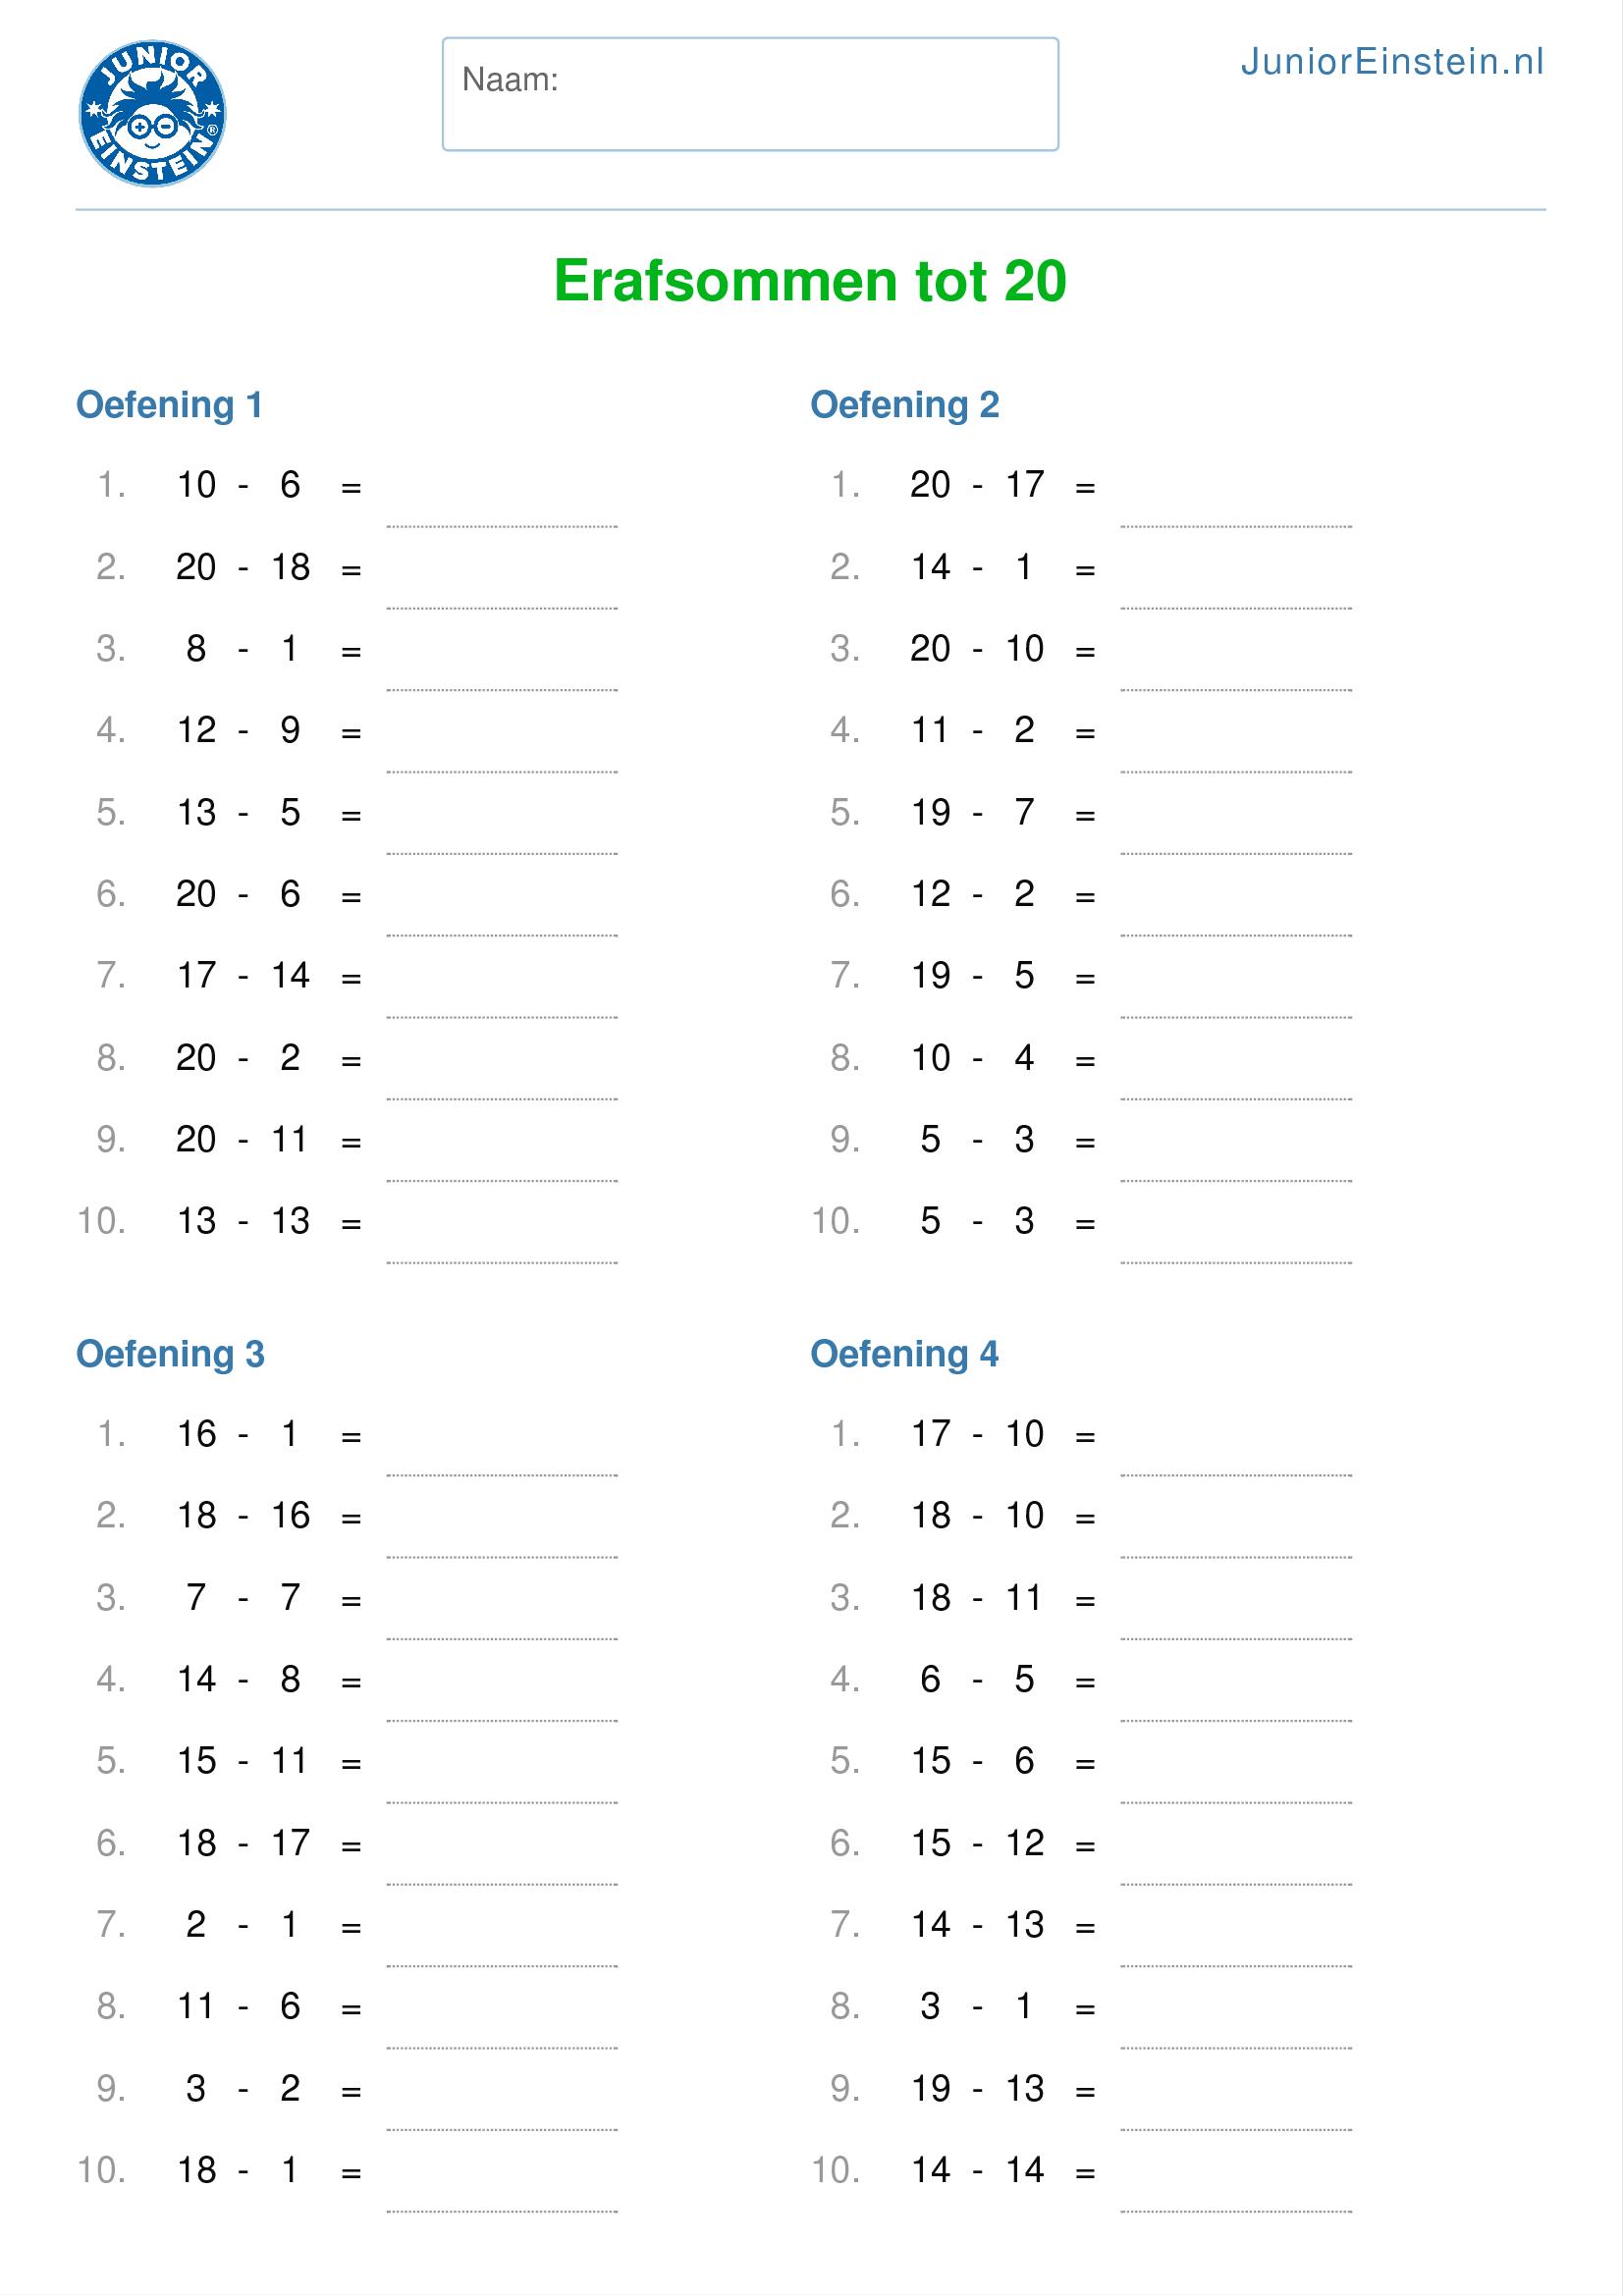 Super Werkblad: Erafsommen tot 20 (geschikt voor groep 4) FQ-63